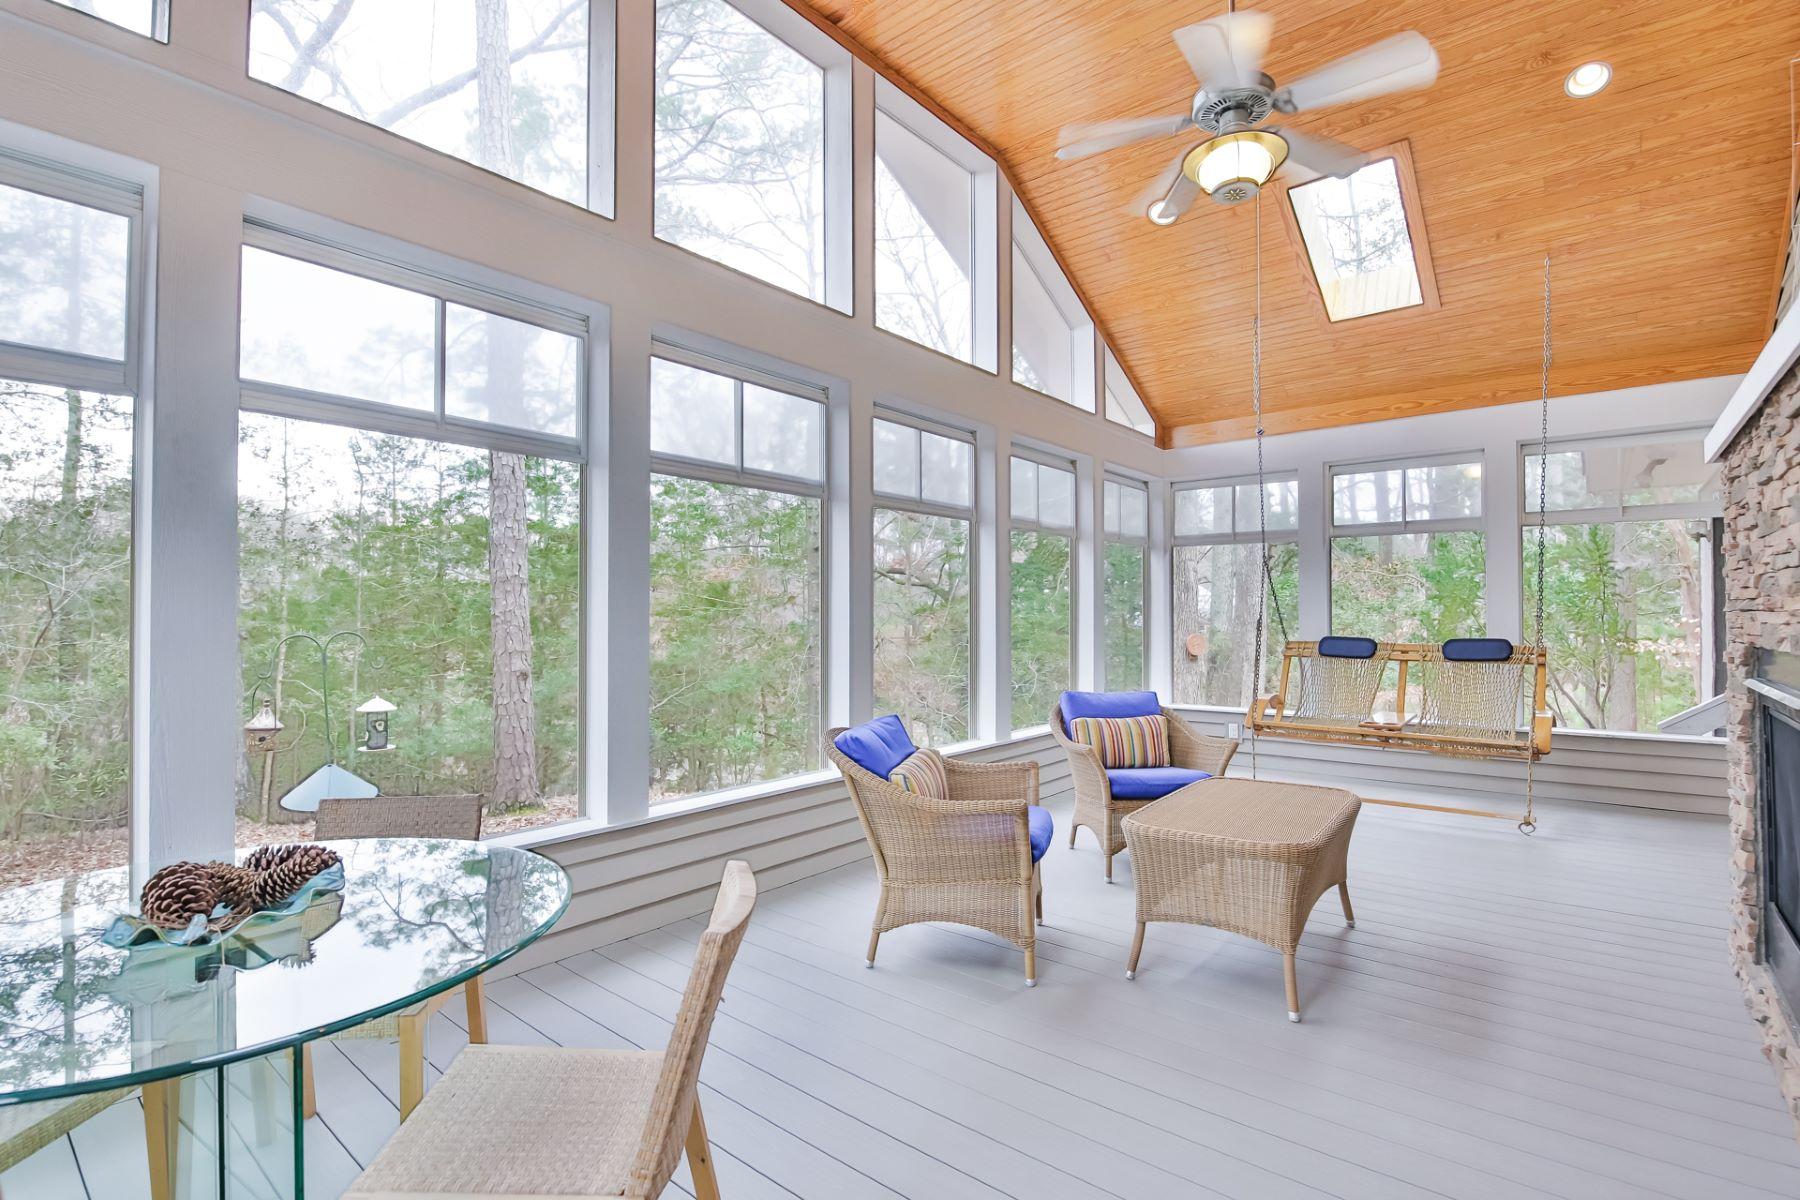 Частный односемейный дом для того Продажа на MOONFIELD ESTATES 64 Dashiell Drive, Smithfield, Виргиния, 23430 Соединенные Штаты